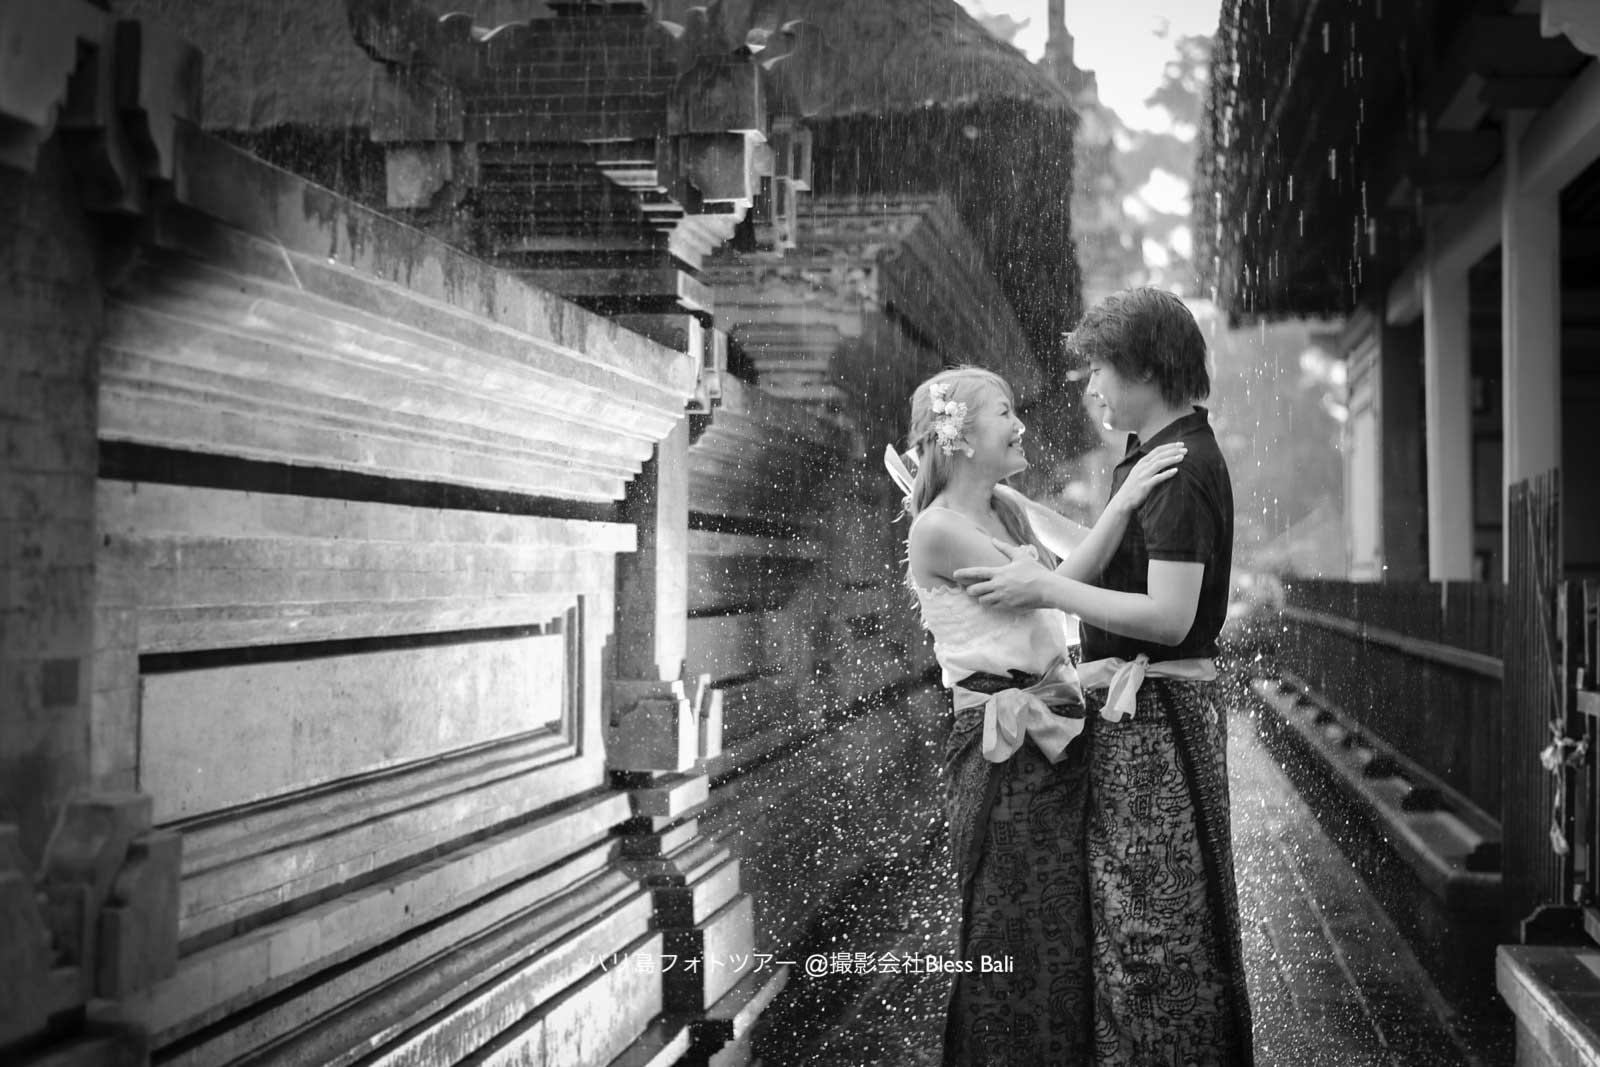 ティルタエンプル寺院で念願のレインフォトも撮影できました♪